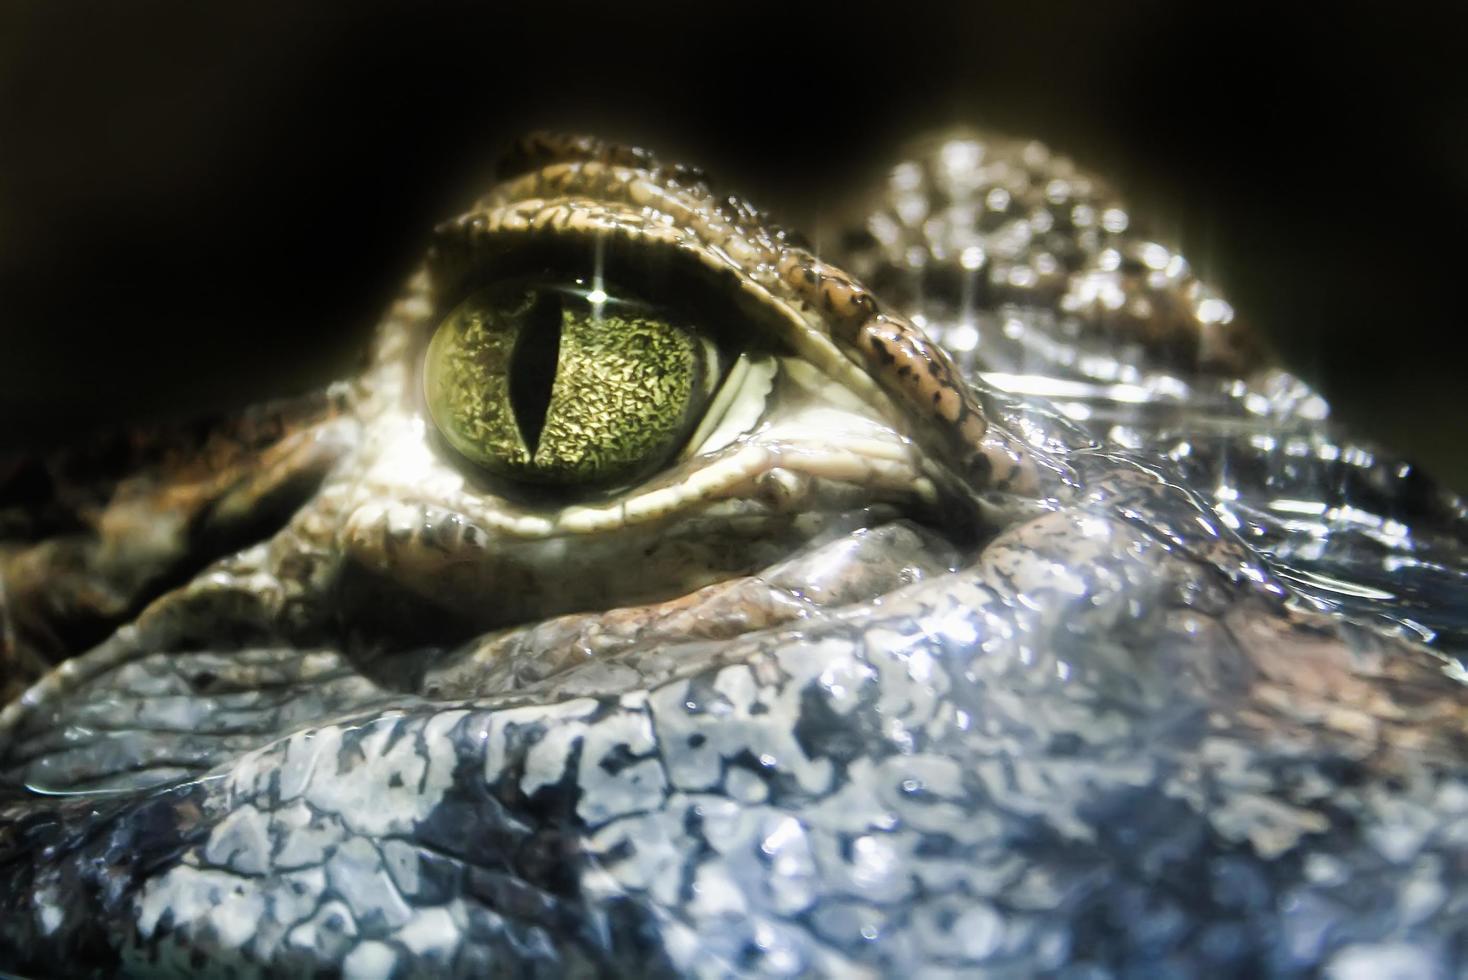 Macro crocodile eye photo